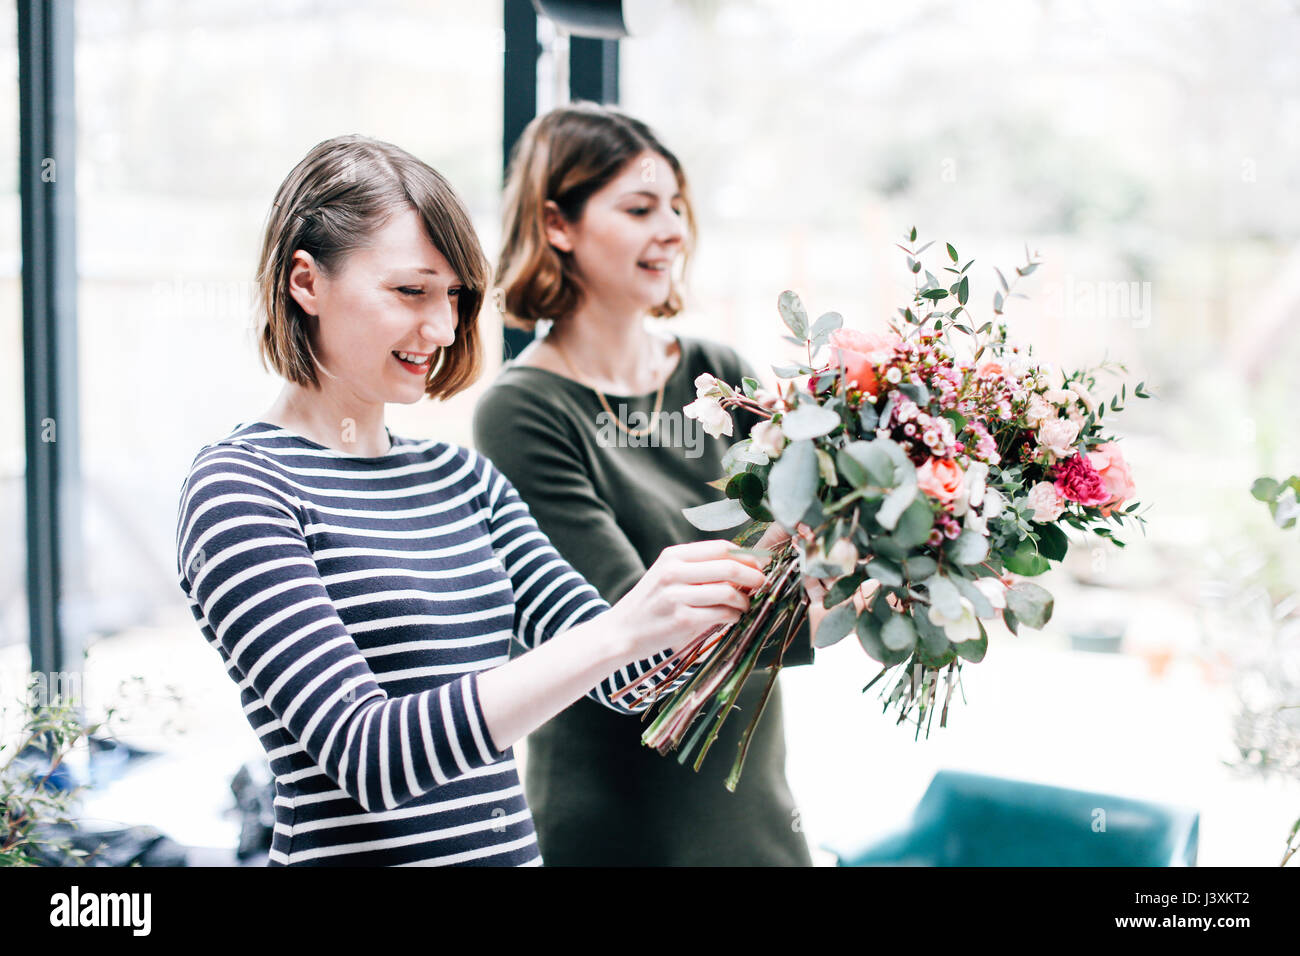 Les étudiants d'organiser à fleuriste bouquets atelier floral Photo Stock